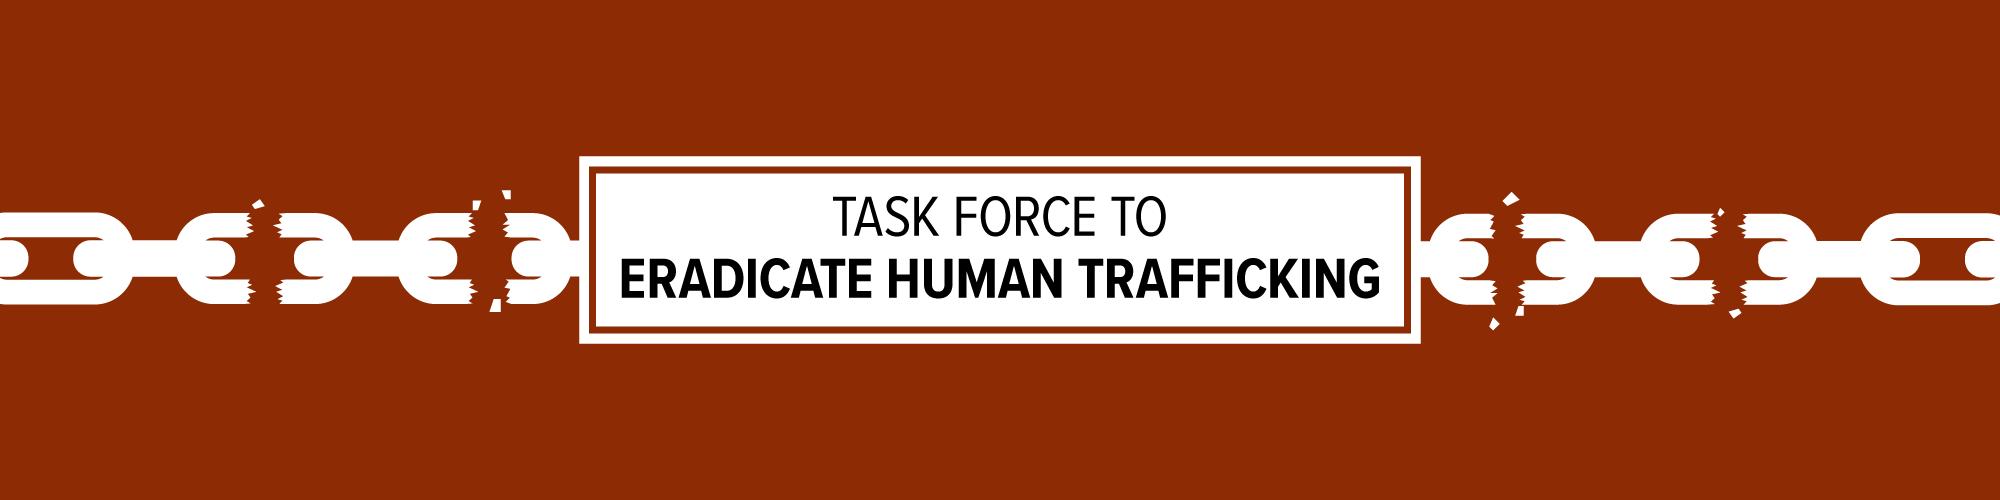 human trafficking banner